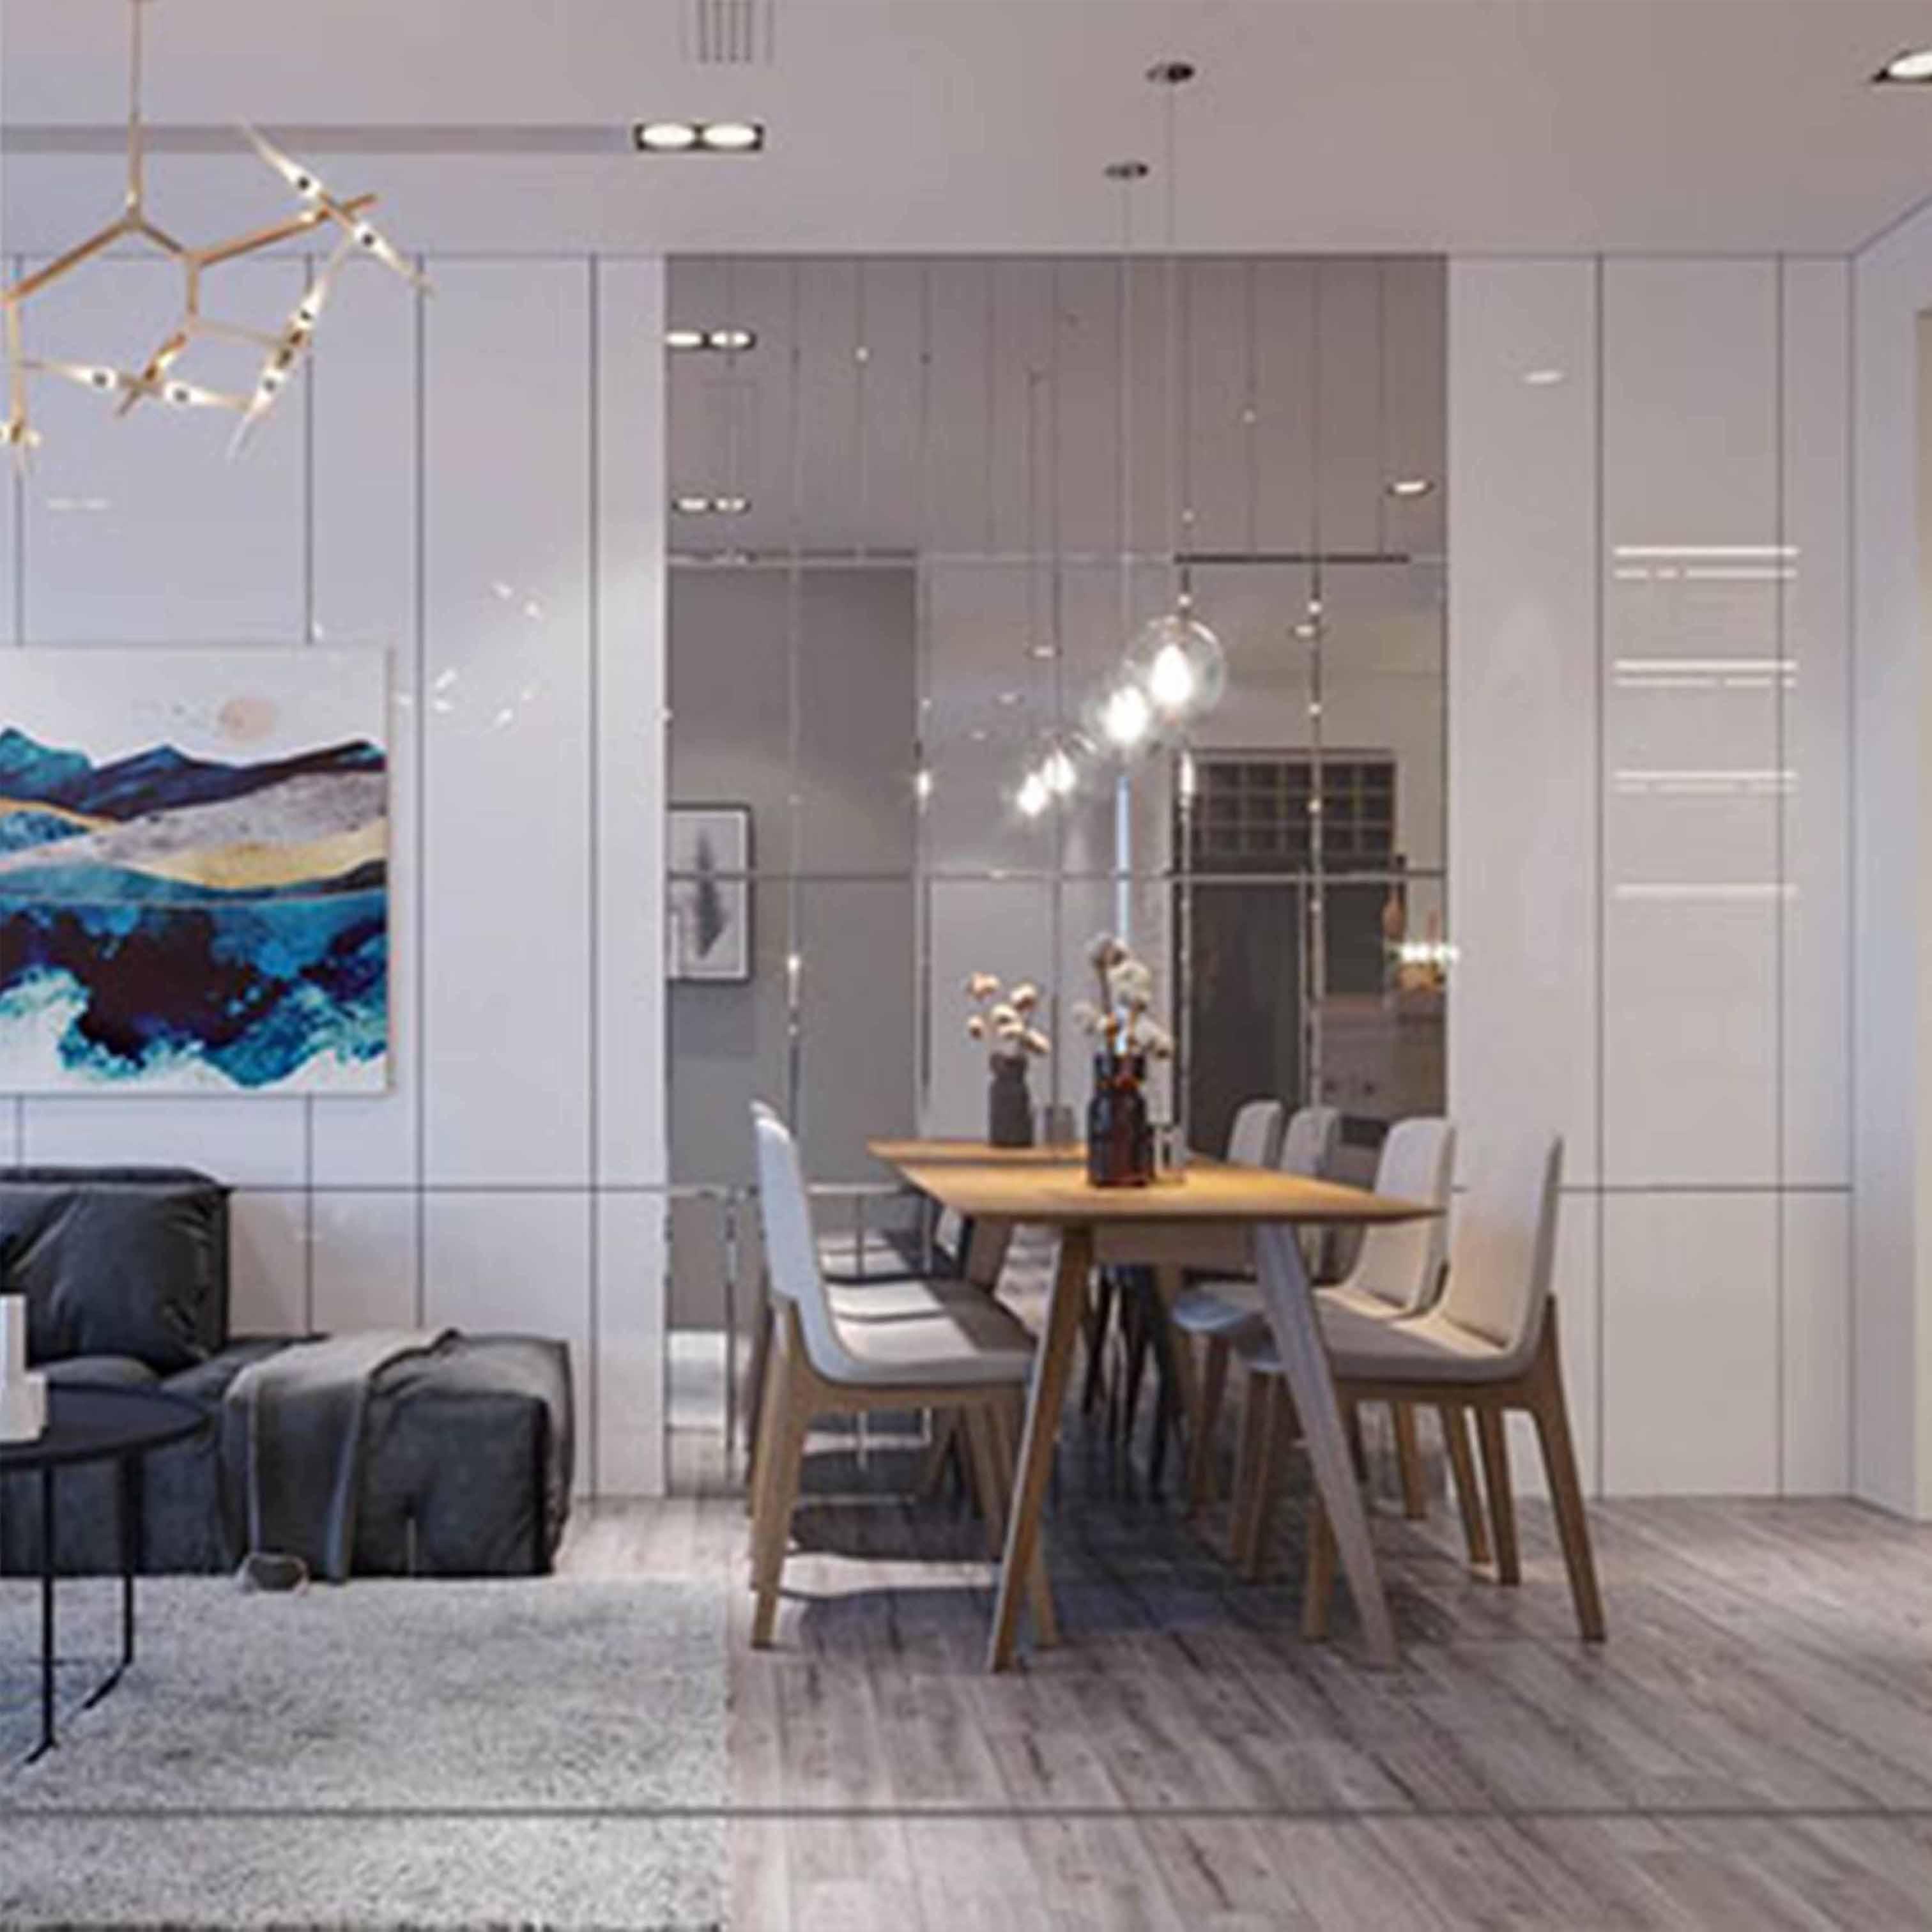 Thiết kế nội thất chung cư cho khách hàng ở Cầu Giấy, Hà Nội - TK16LHFU